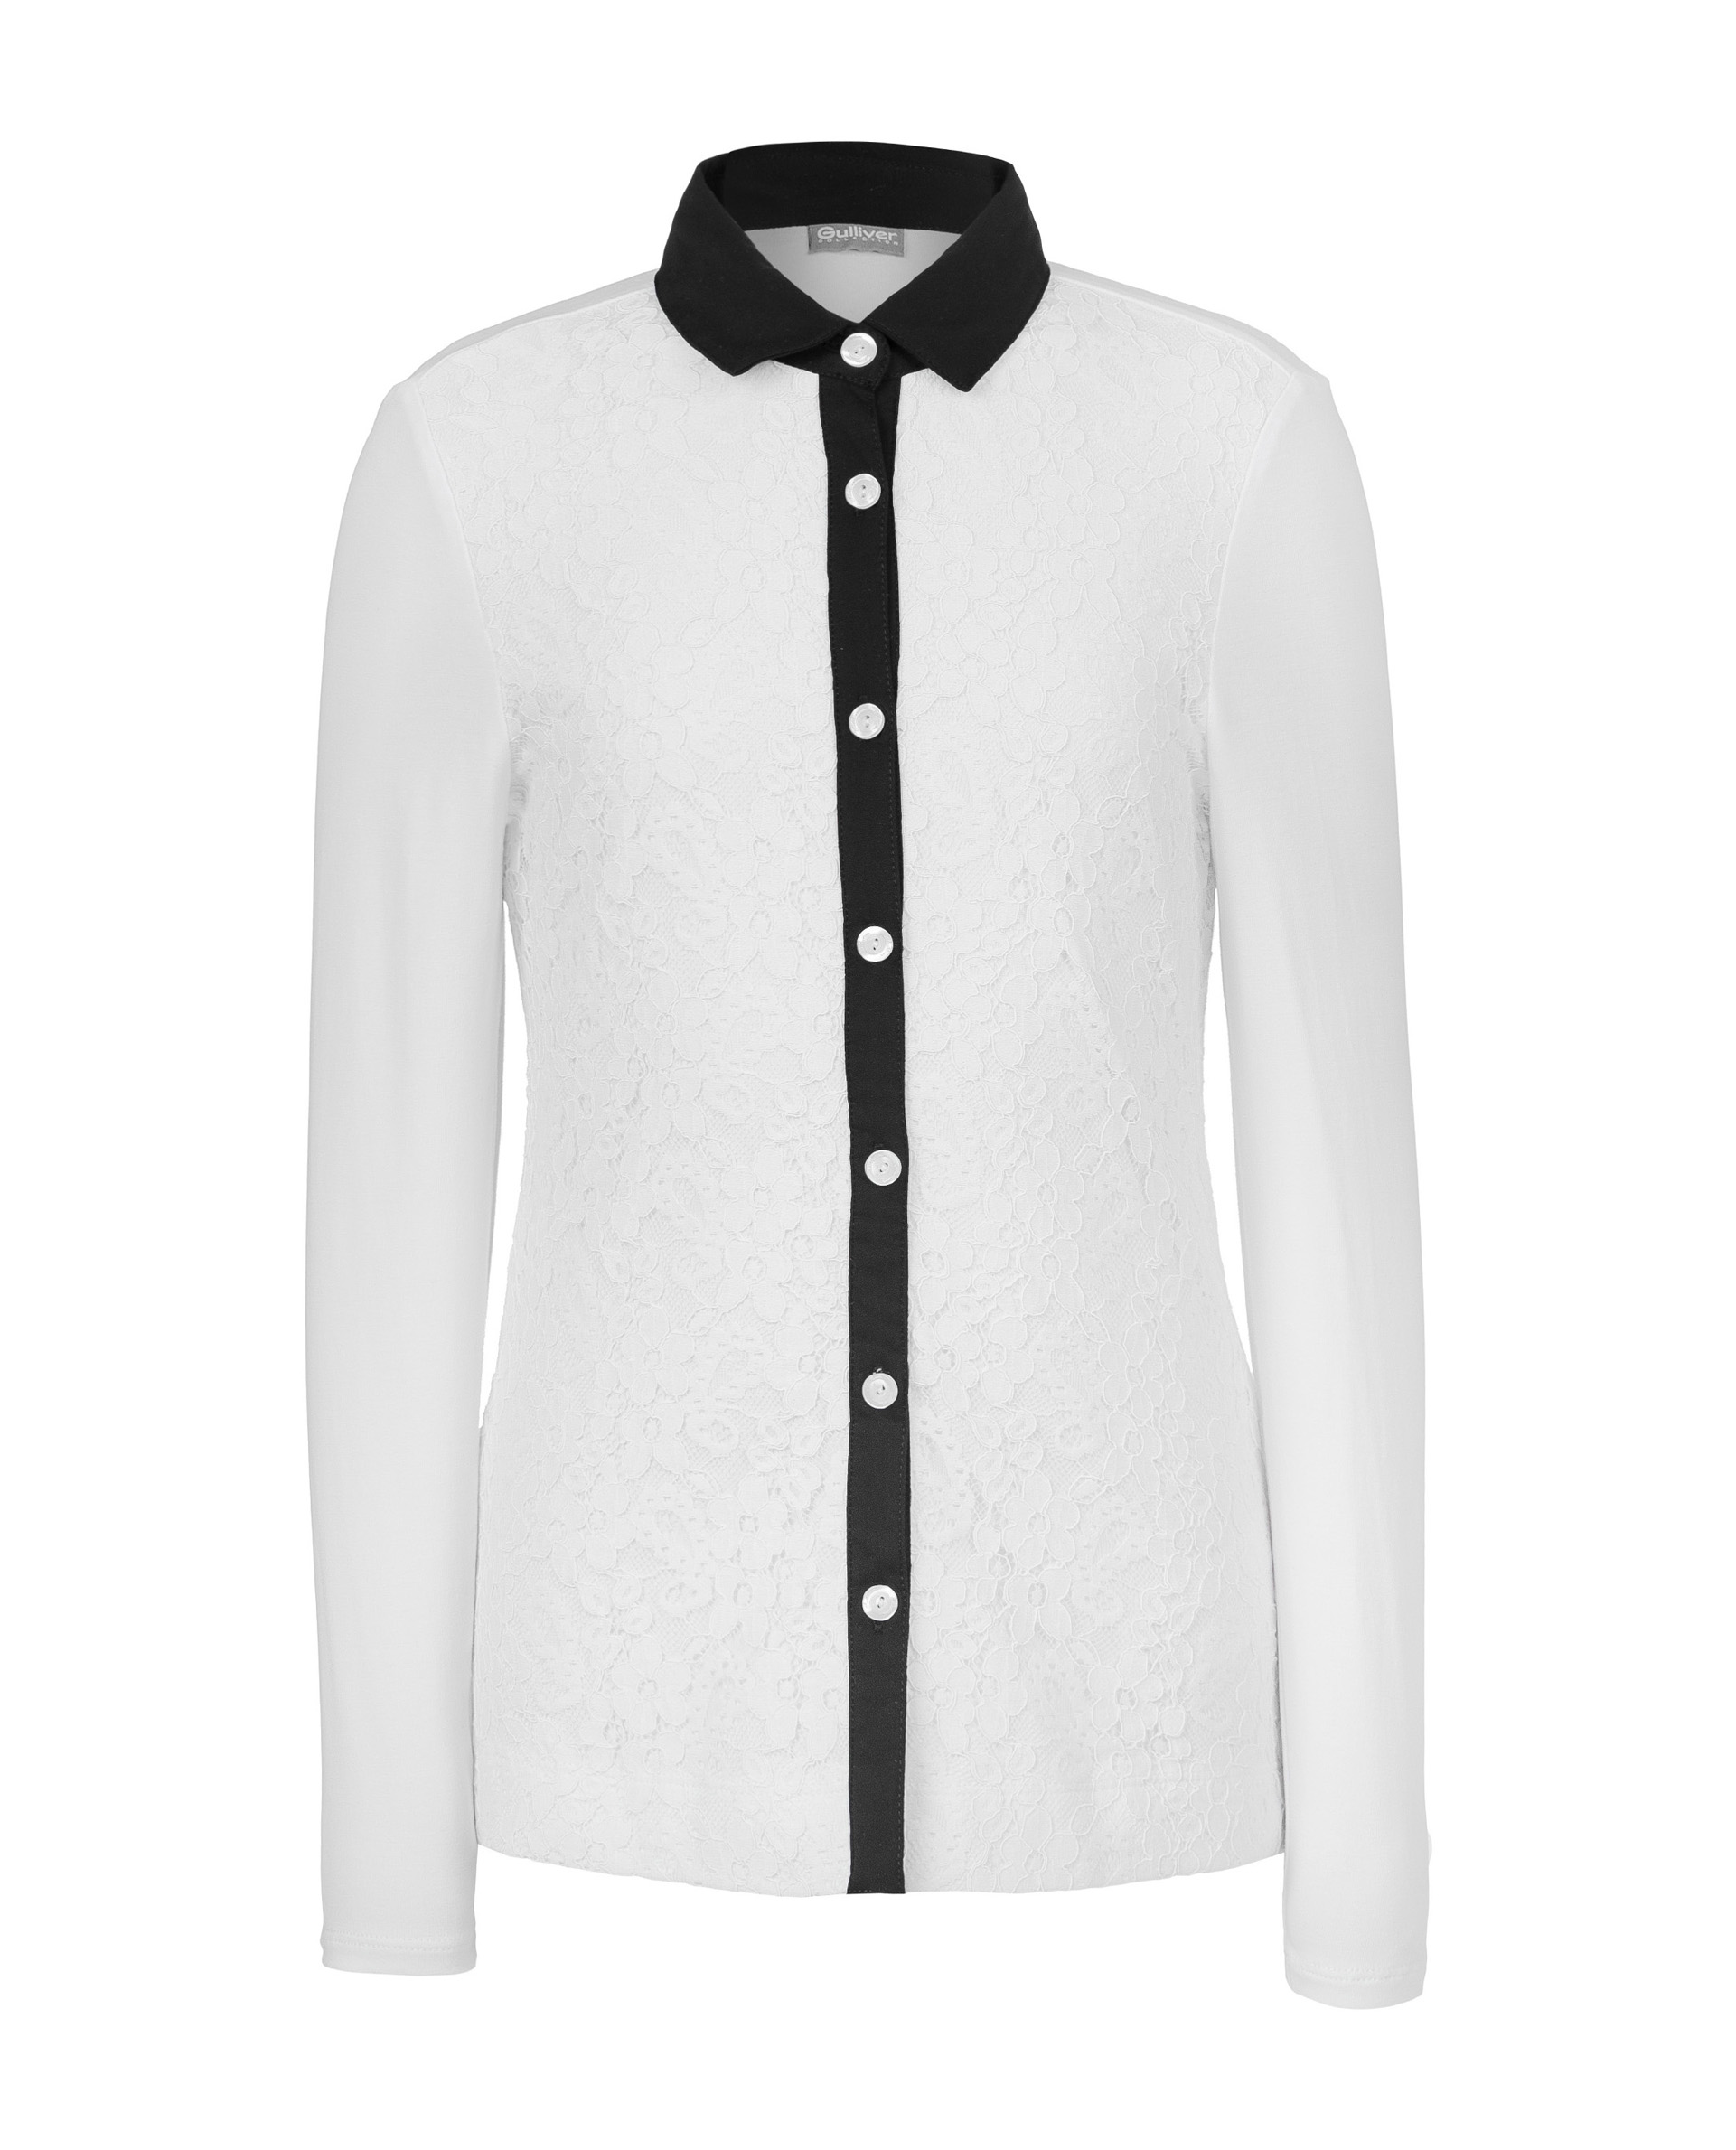 Рубашка для девочек Gulliver, цв. белый, р.122